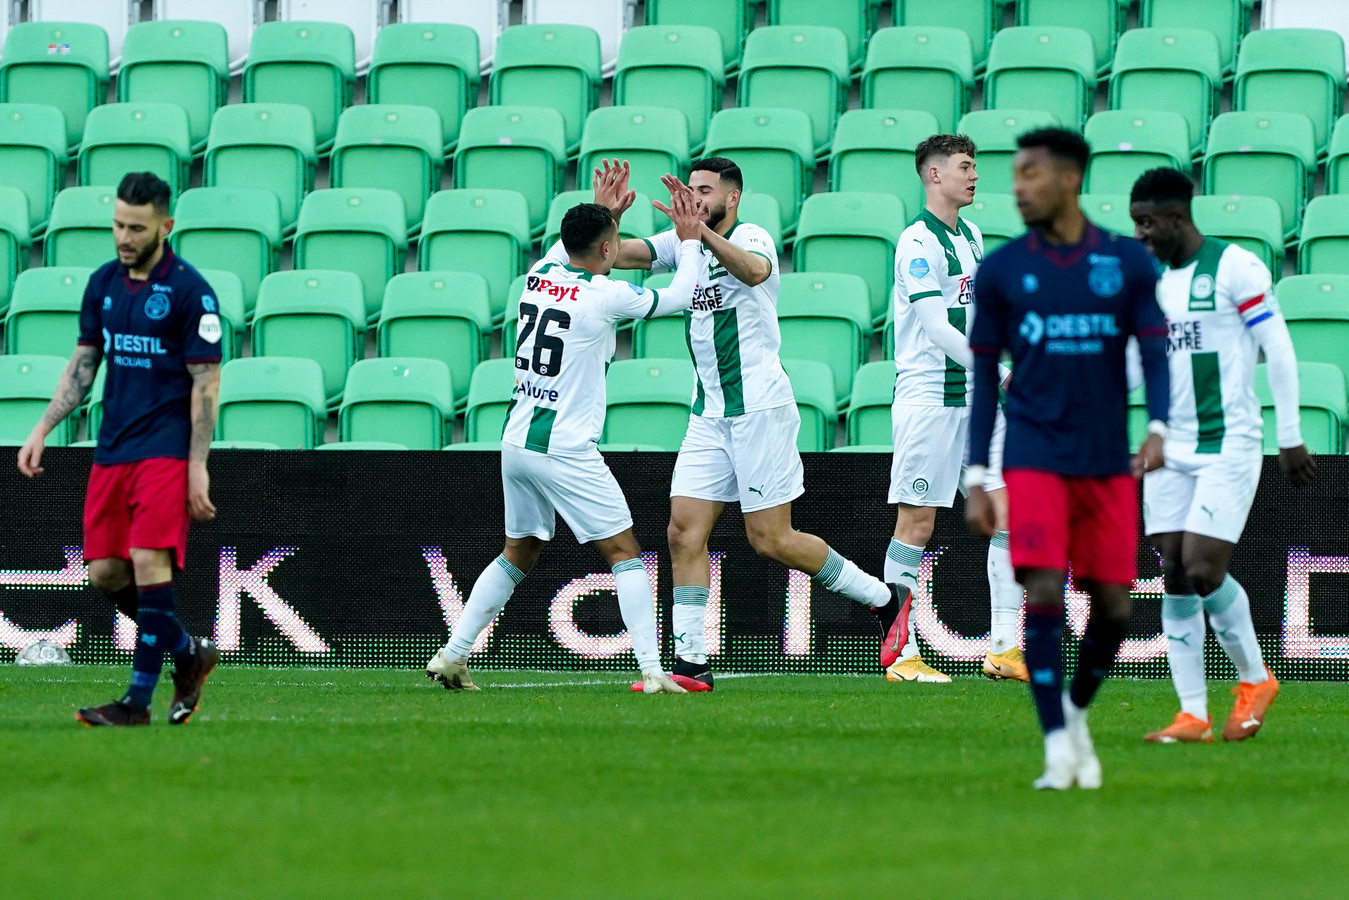 Vreugde bij de spelers van FC Groningen na de 1-0.